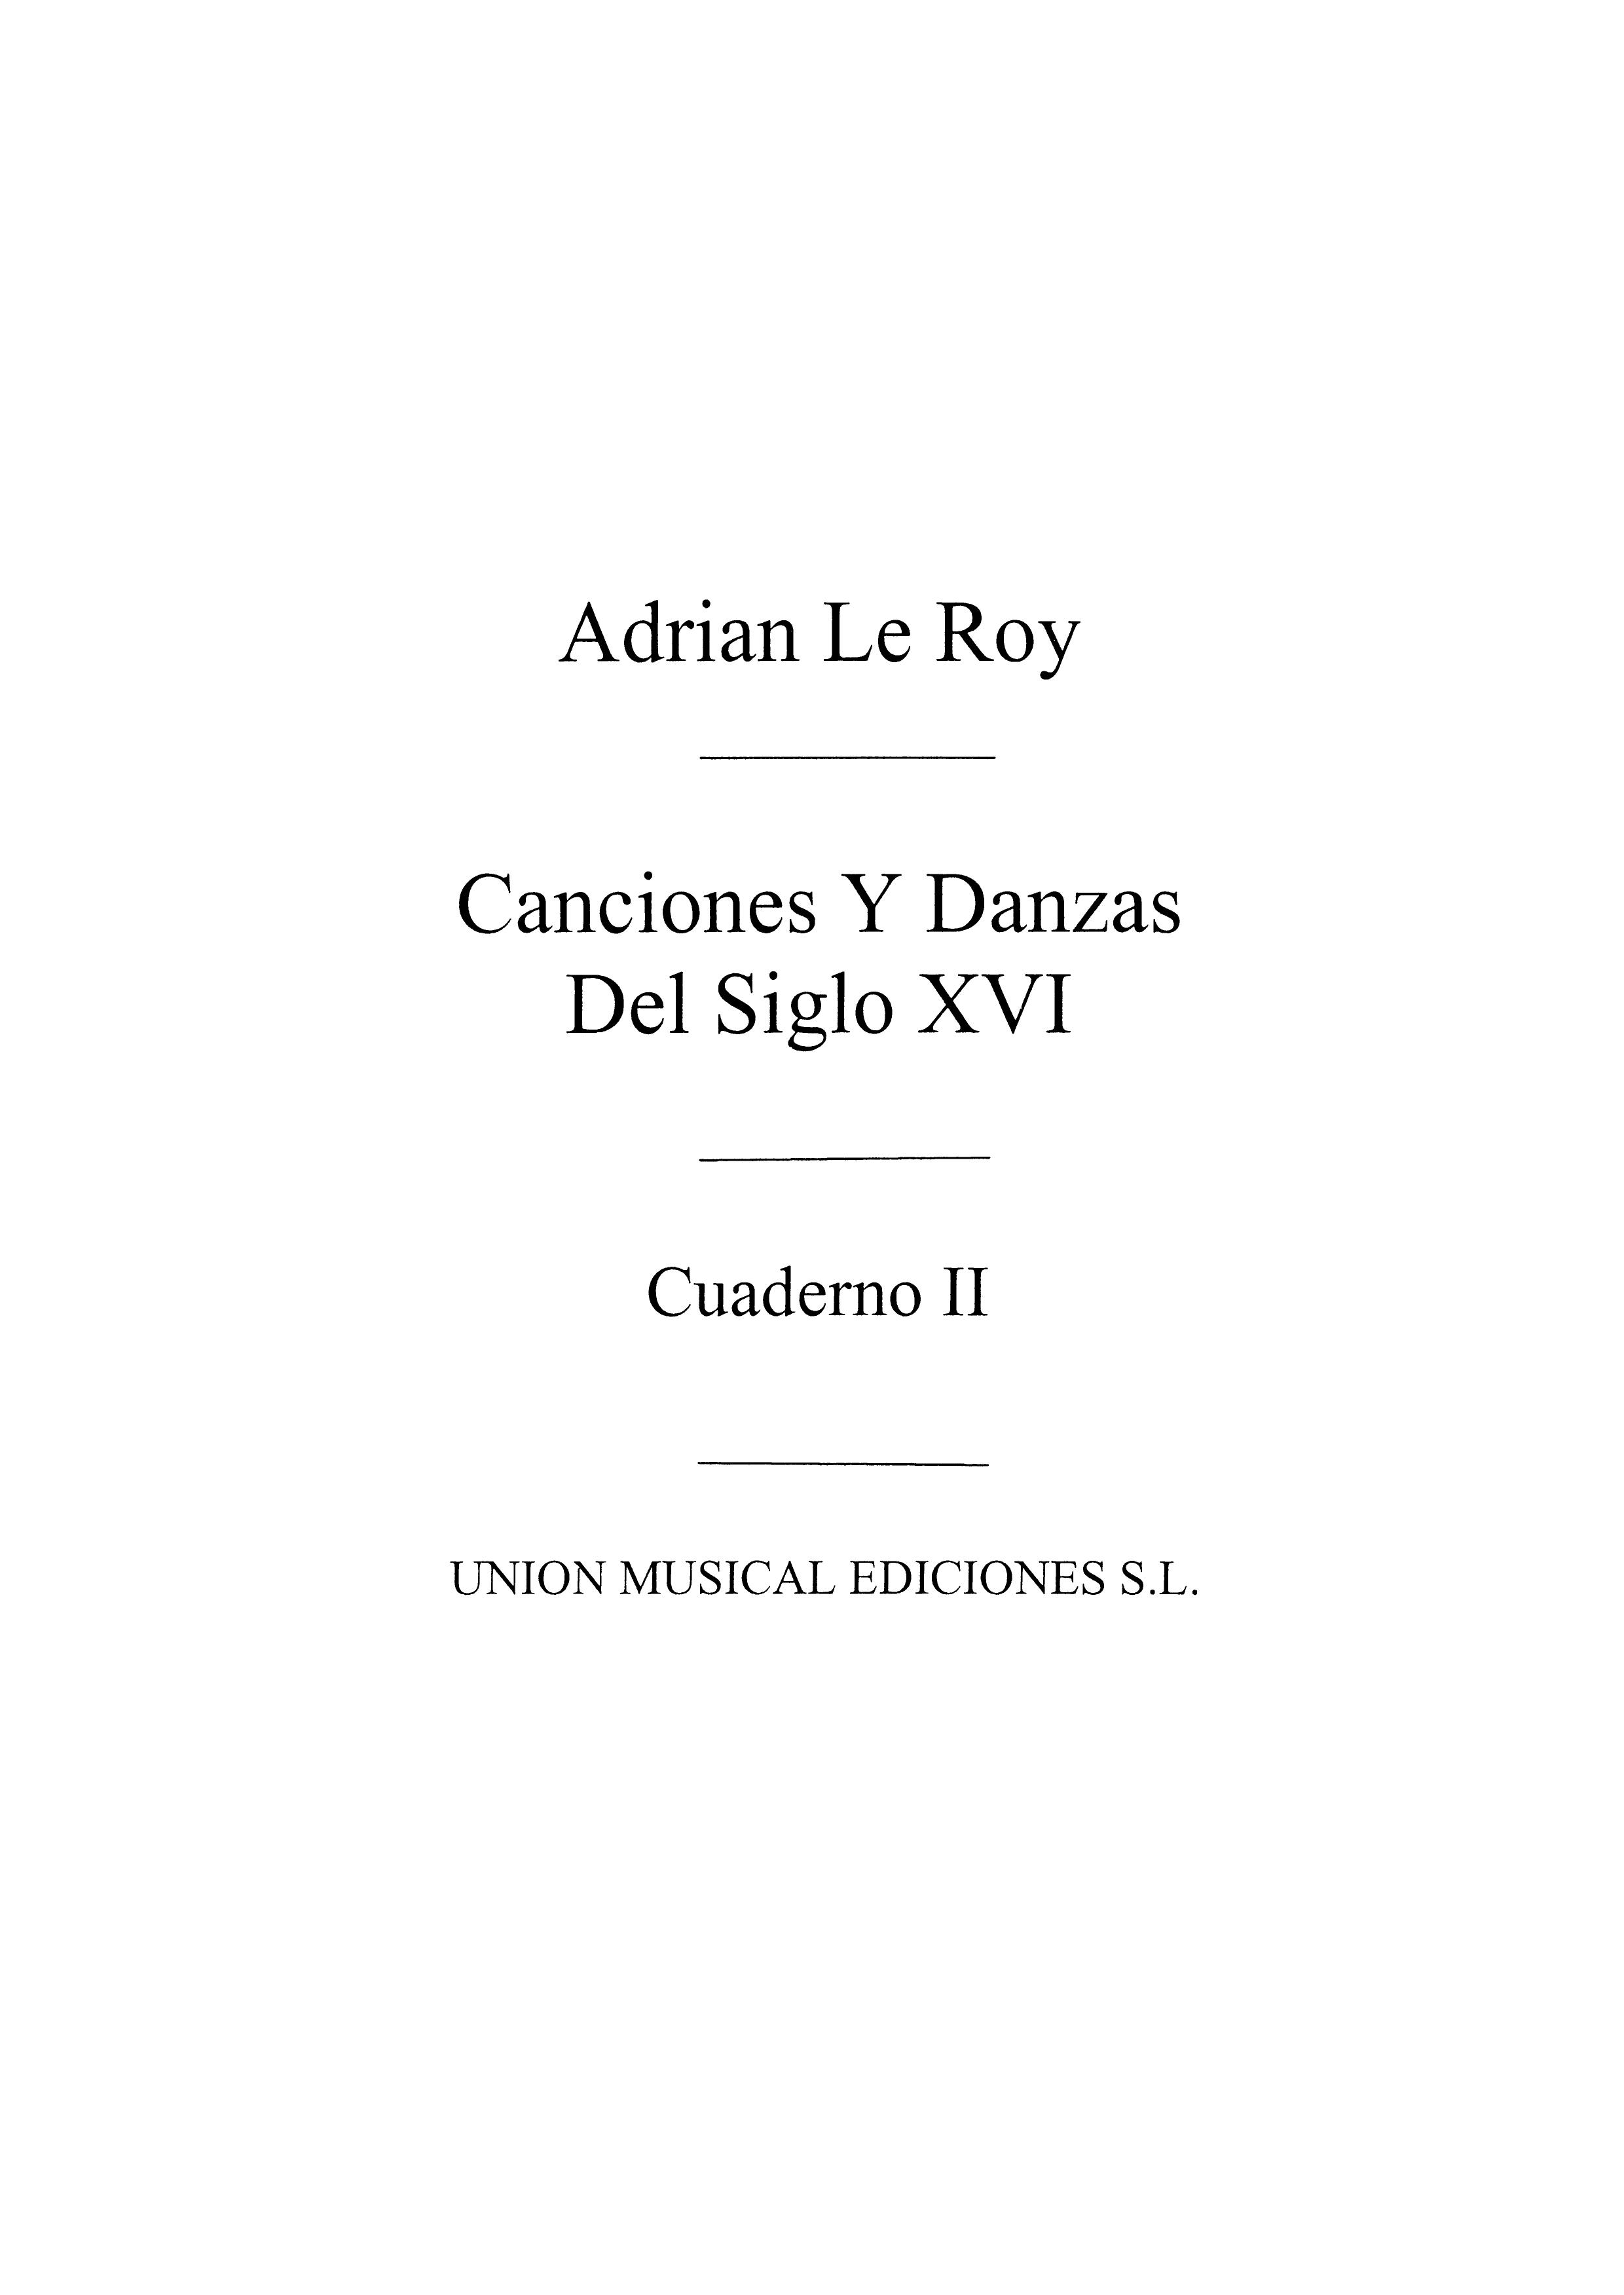 Adrian Leroy: Canciones Y Danzas Del Siglo Xvi: Guitar: Instrumental Work